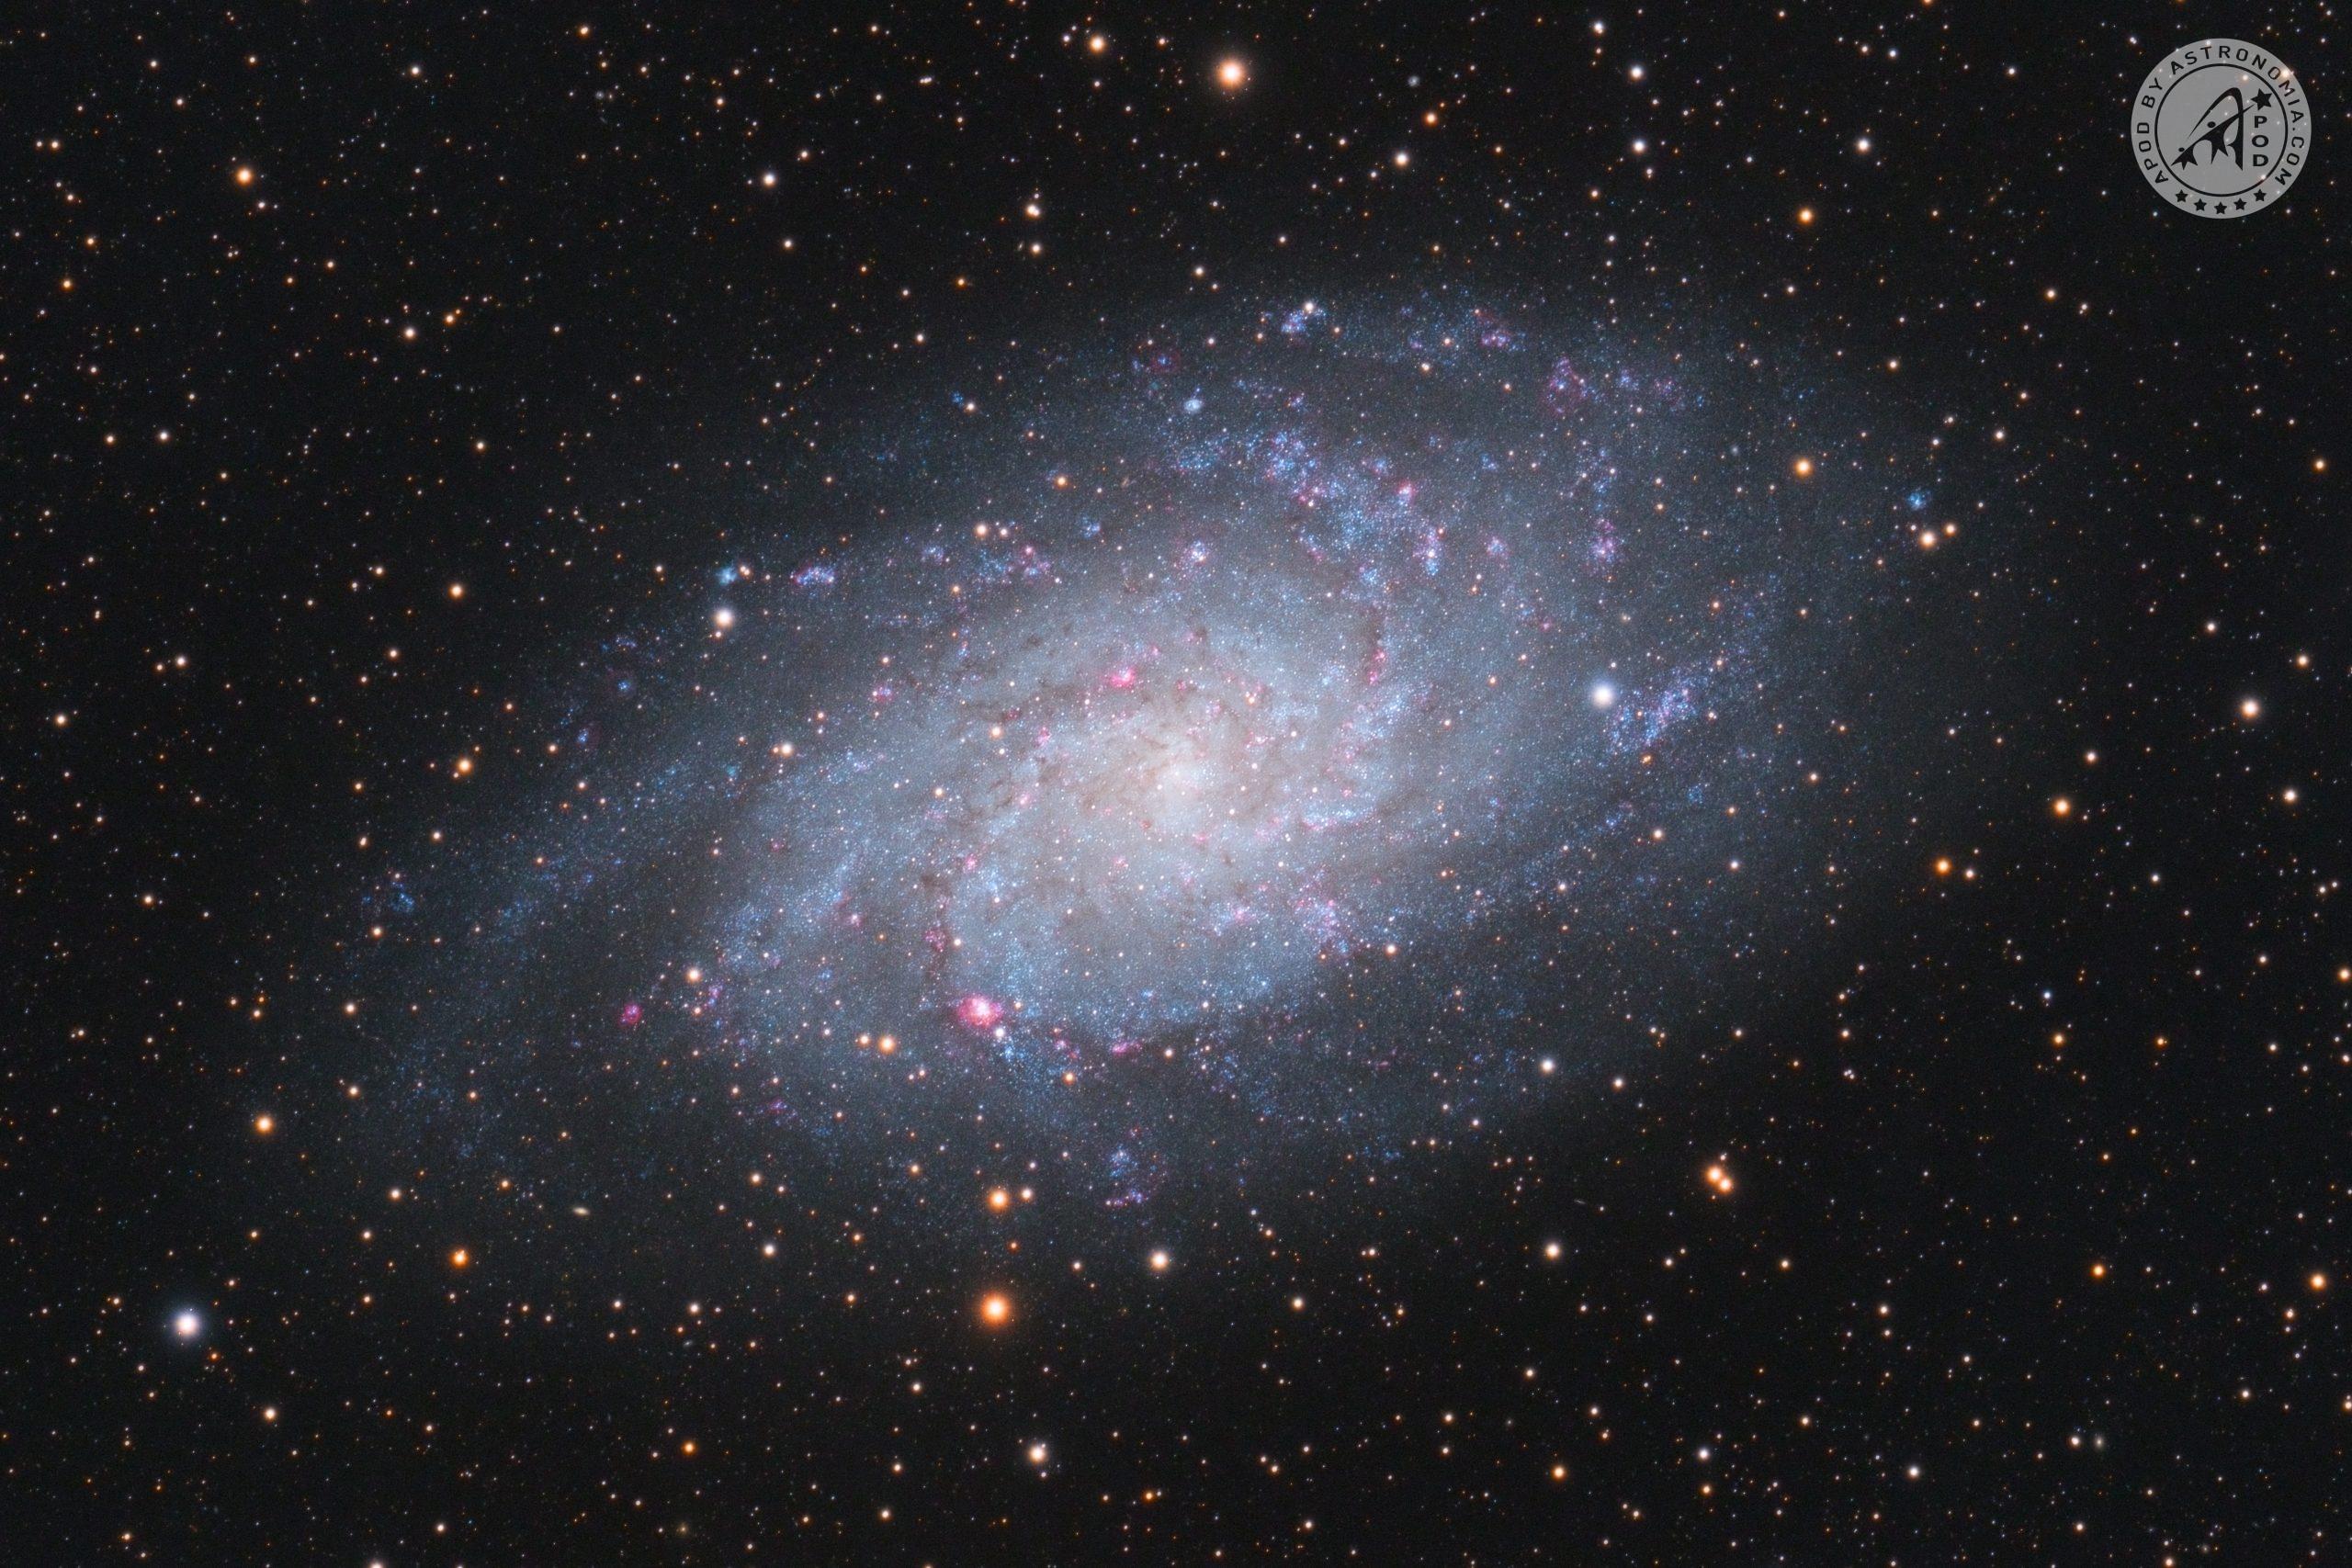 Galassia Triangolo M33